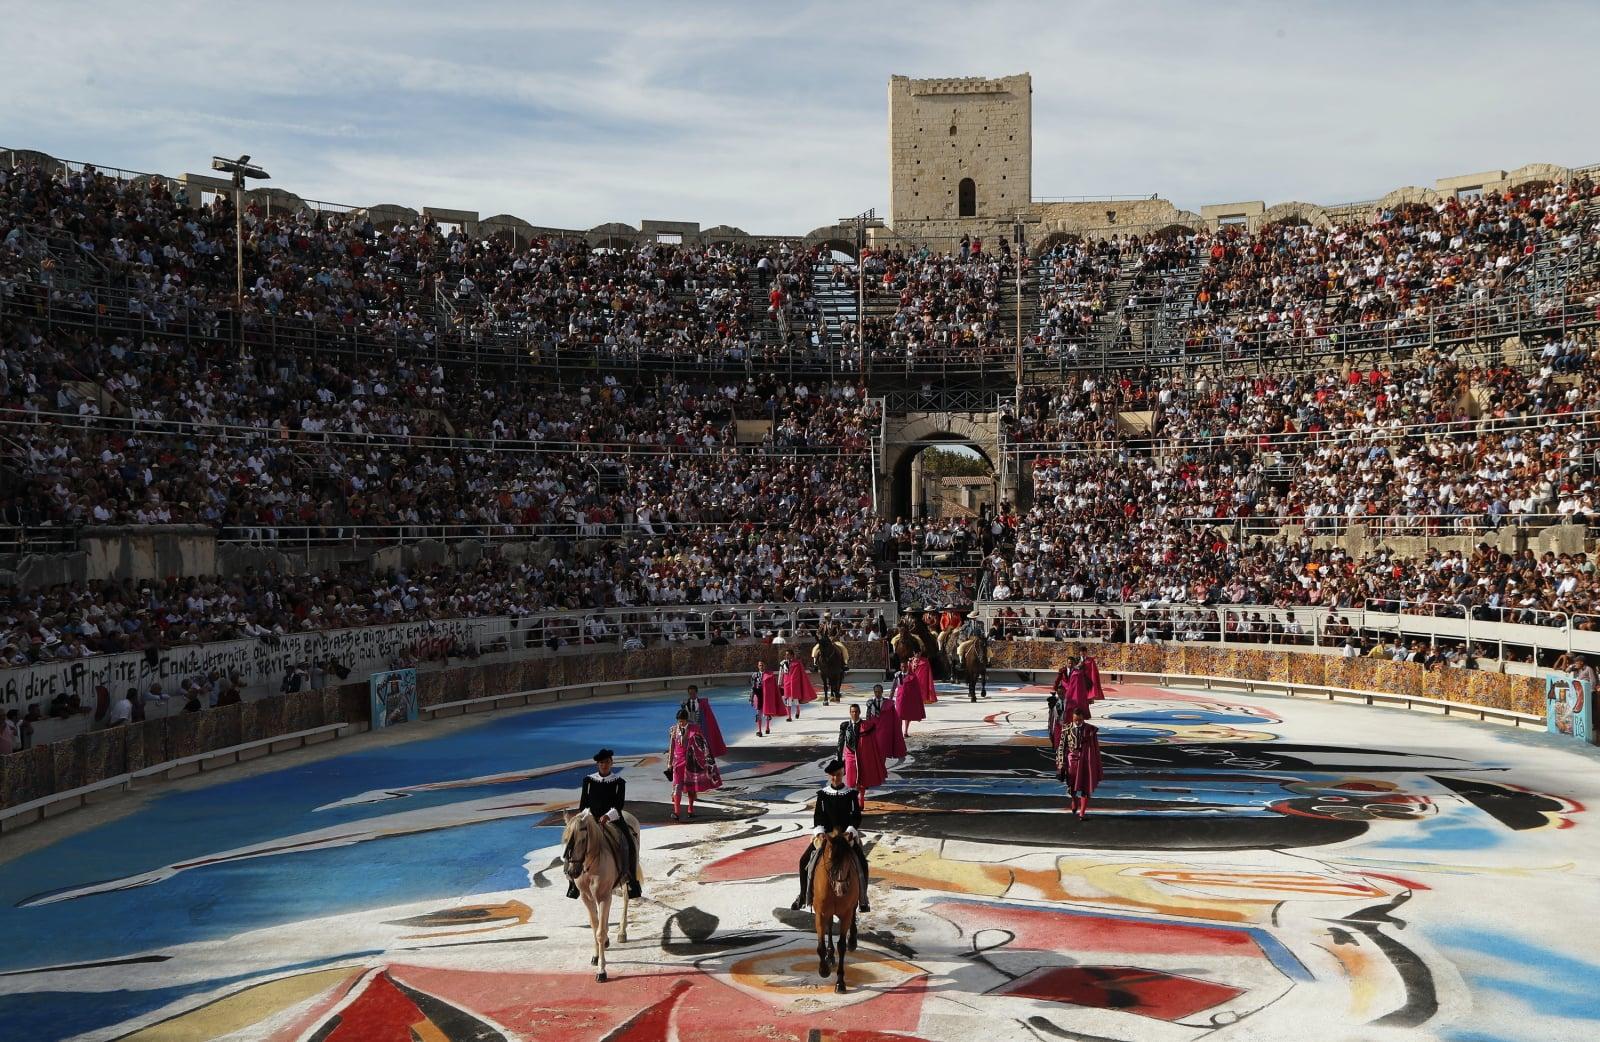 Torreadorzy uczestniczą w walkach byków odbywających się w Arles, w południowej Francji, fot. EPA/GUILLAUME HORCAJUELO